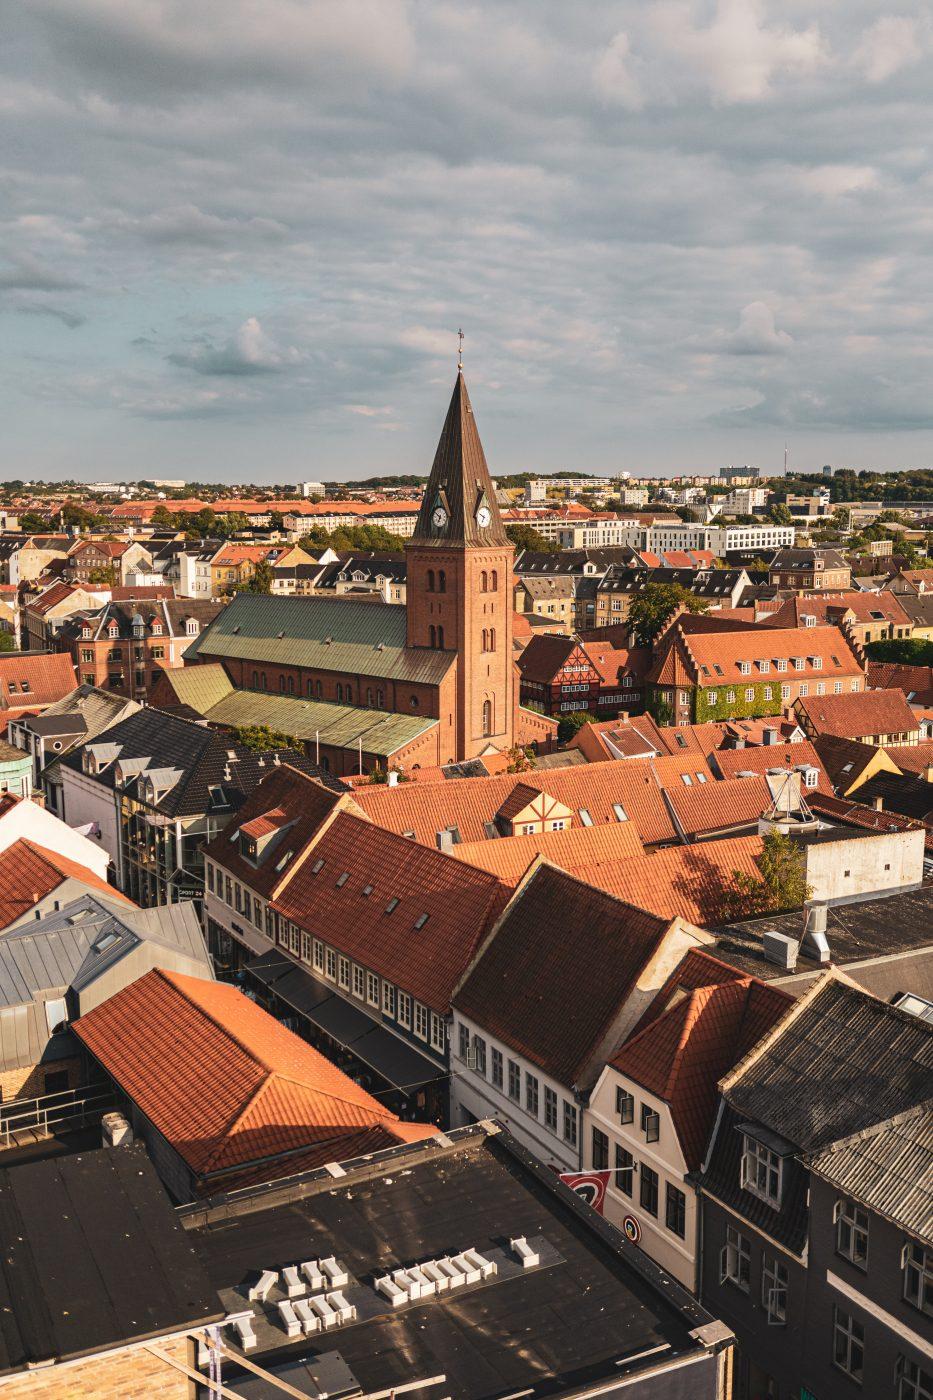 Aalborg D%C3%A4nemark reise 6 | Dieses Jahr war, was das Reisen angeht, ganz klar von einem Land geprägt - Dänemark! Gleich zweimal hat es uns dieses Jahr in den Norden verschlagen. Nachdem wir die Nordsee im schönen Hvide Sande in vollen Zügen genießen konnten, ging es dieses Mal mehr ins Landesinnere. Die dänische Großstadt Aalborg in Nordjütland galt es zu erkunden. Und wie ihr wisst, gehen bei uns zwei Aspekte immer Hand in Hand. Reisen und Kulinarik. Beide sind für uns eng verbunden, daher ist es selbstverständlich, dass wir euch mit einem Foodguide zu Aalborg versorgen. Was kann man an einem Wochenende in Aalborg erleben? Was sollte man gesehen haben? Und am Wichtigsten, wo solltet ihr gegessen haben?